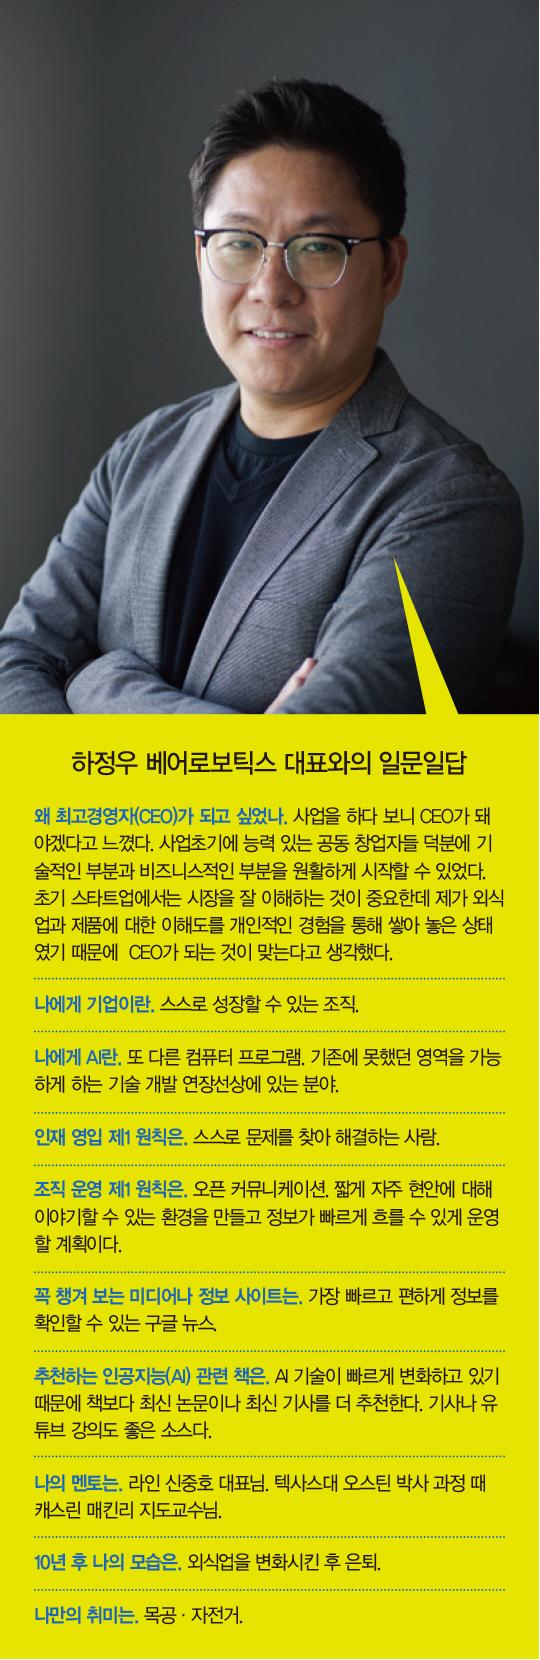 """""""한국, 로봇 양산 최적 조건 갖춰…'서비스 로봇의 포드' 될 겁니다"""""""